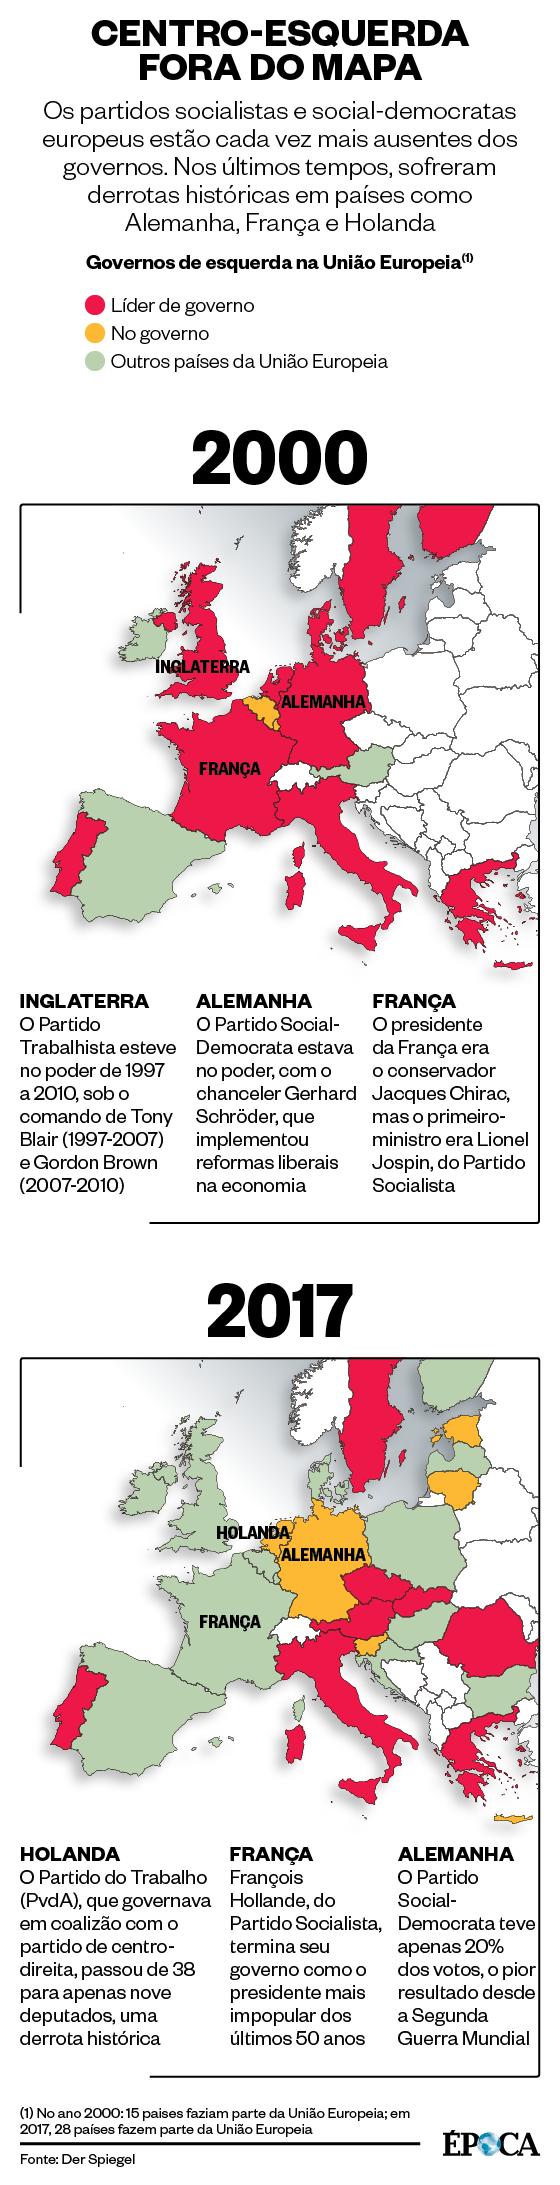 Centro-esquerda fora do mapa (Foto: Época)